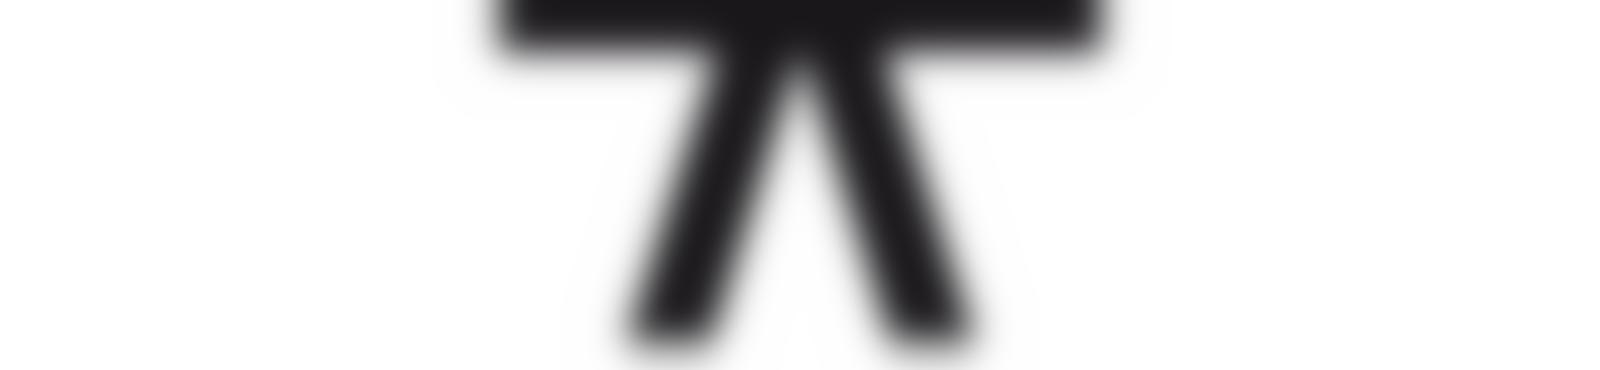 Blurred 098081e7 e54f 4c80 a832 1d8e431b1d53